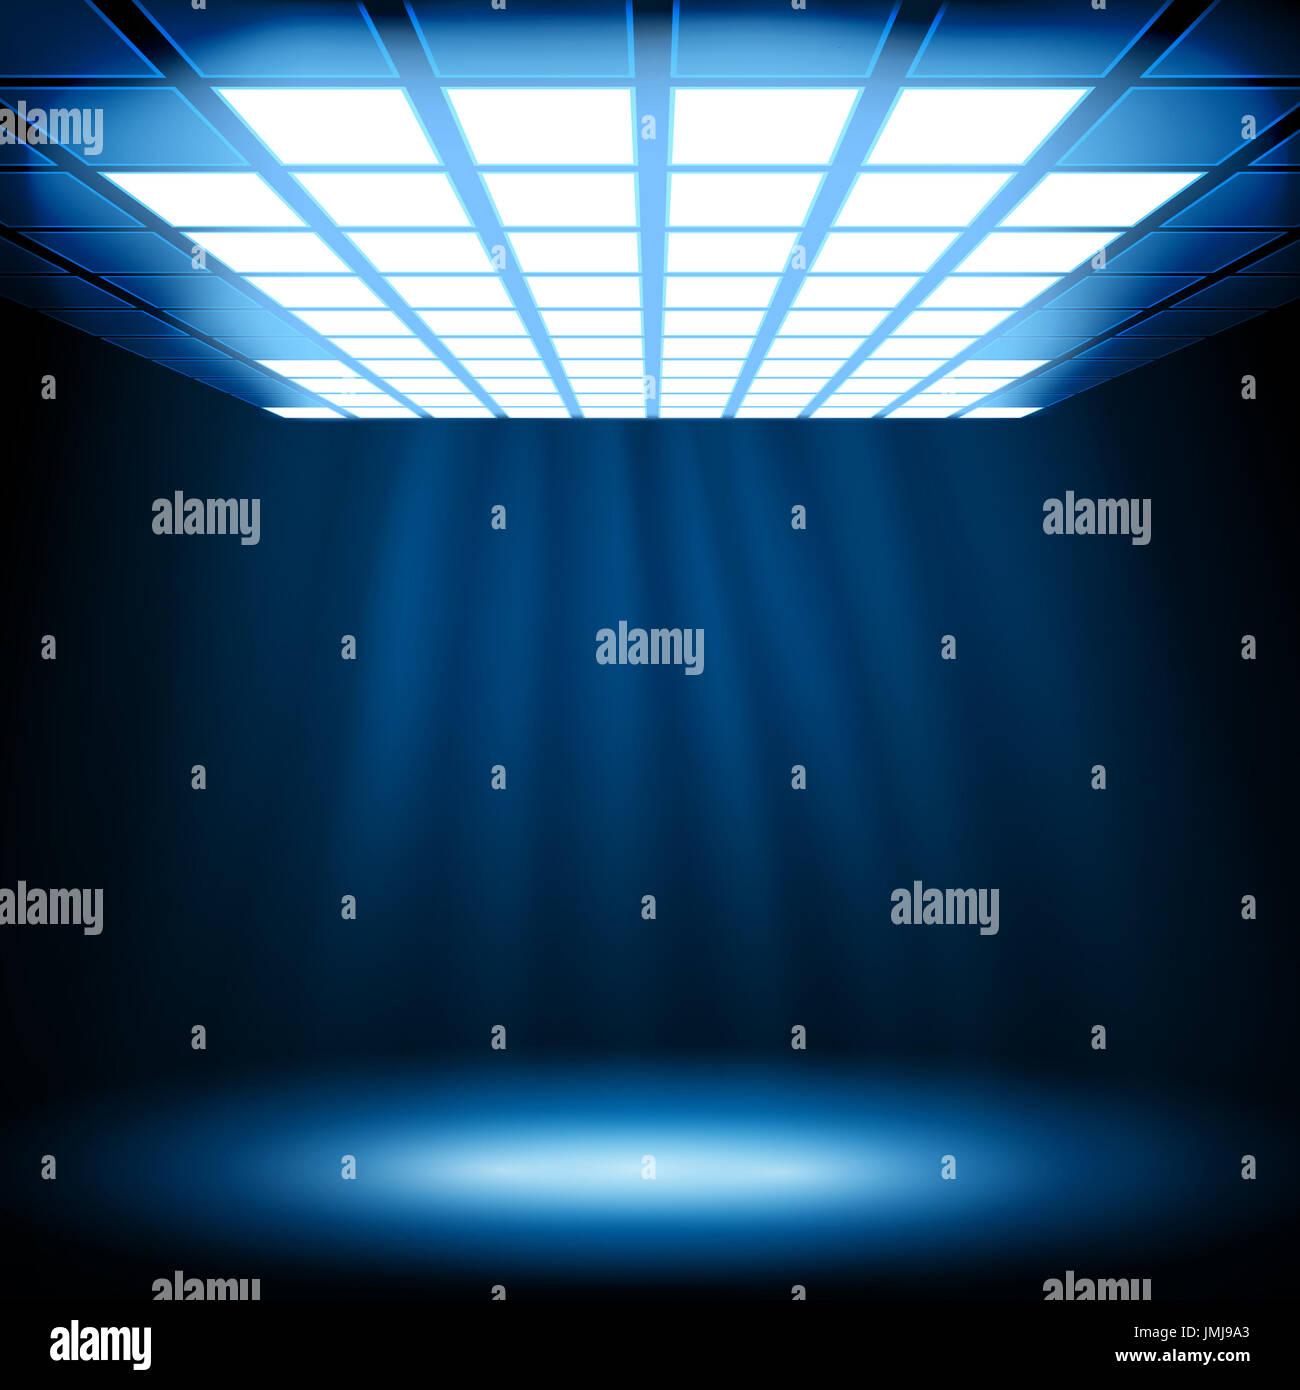 La luz azul de fondo abstracto. Vector eps10 ilustración Imagen De Stock